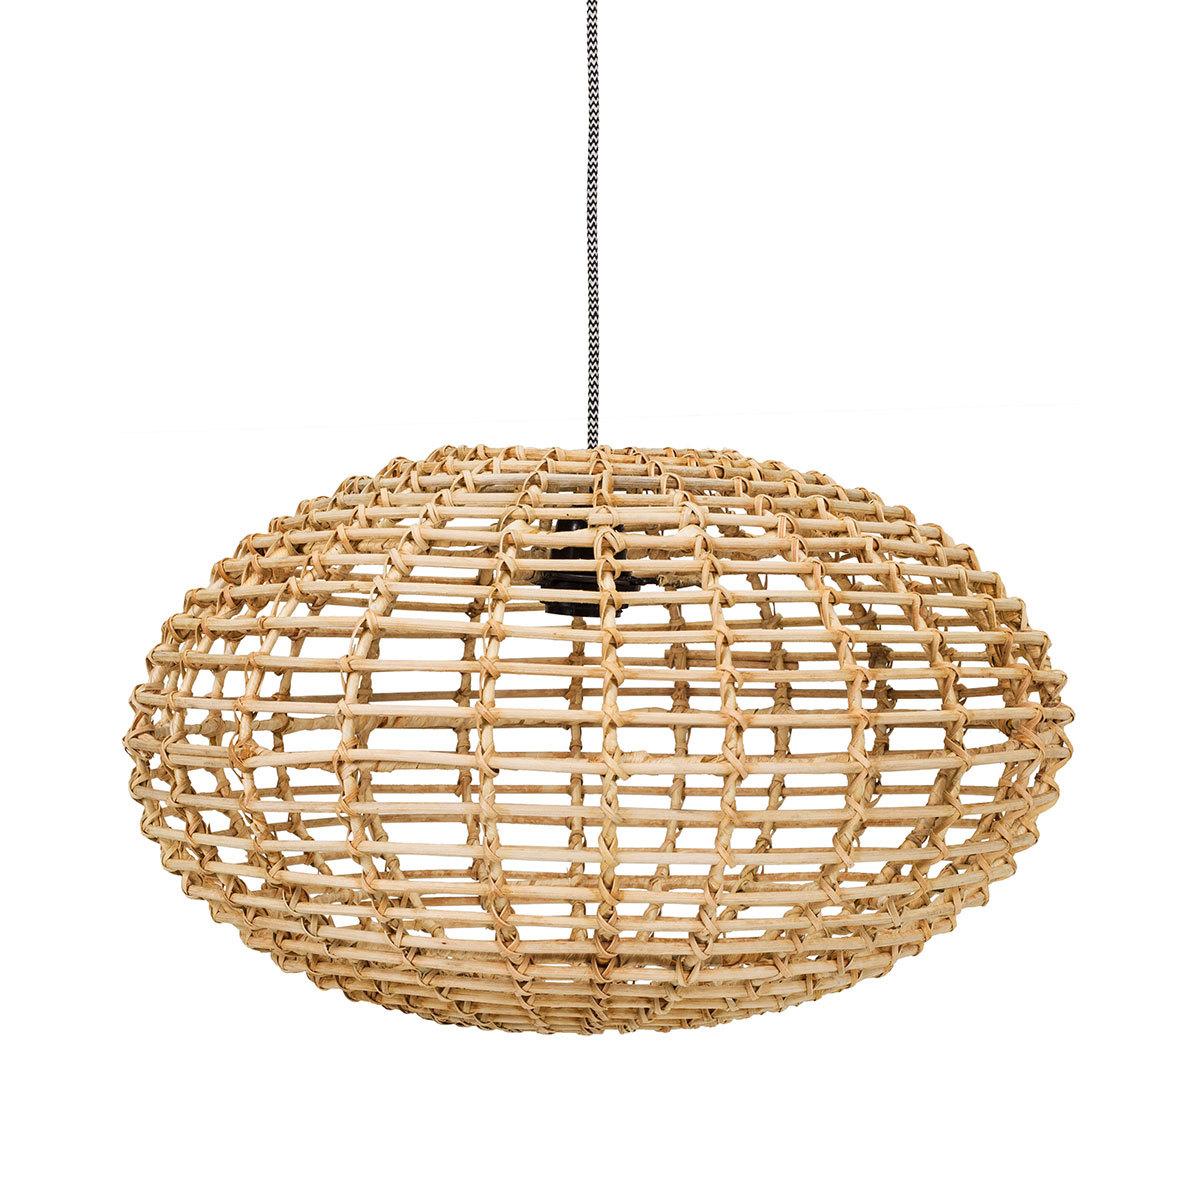 LDLC.com Lampe en Rotin Pumpkin - Naturel Lampe en Rotin Pumpkin - Naturel